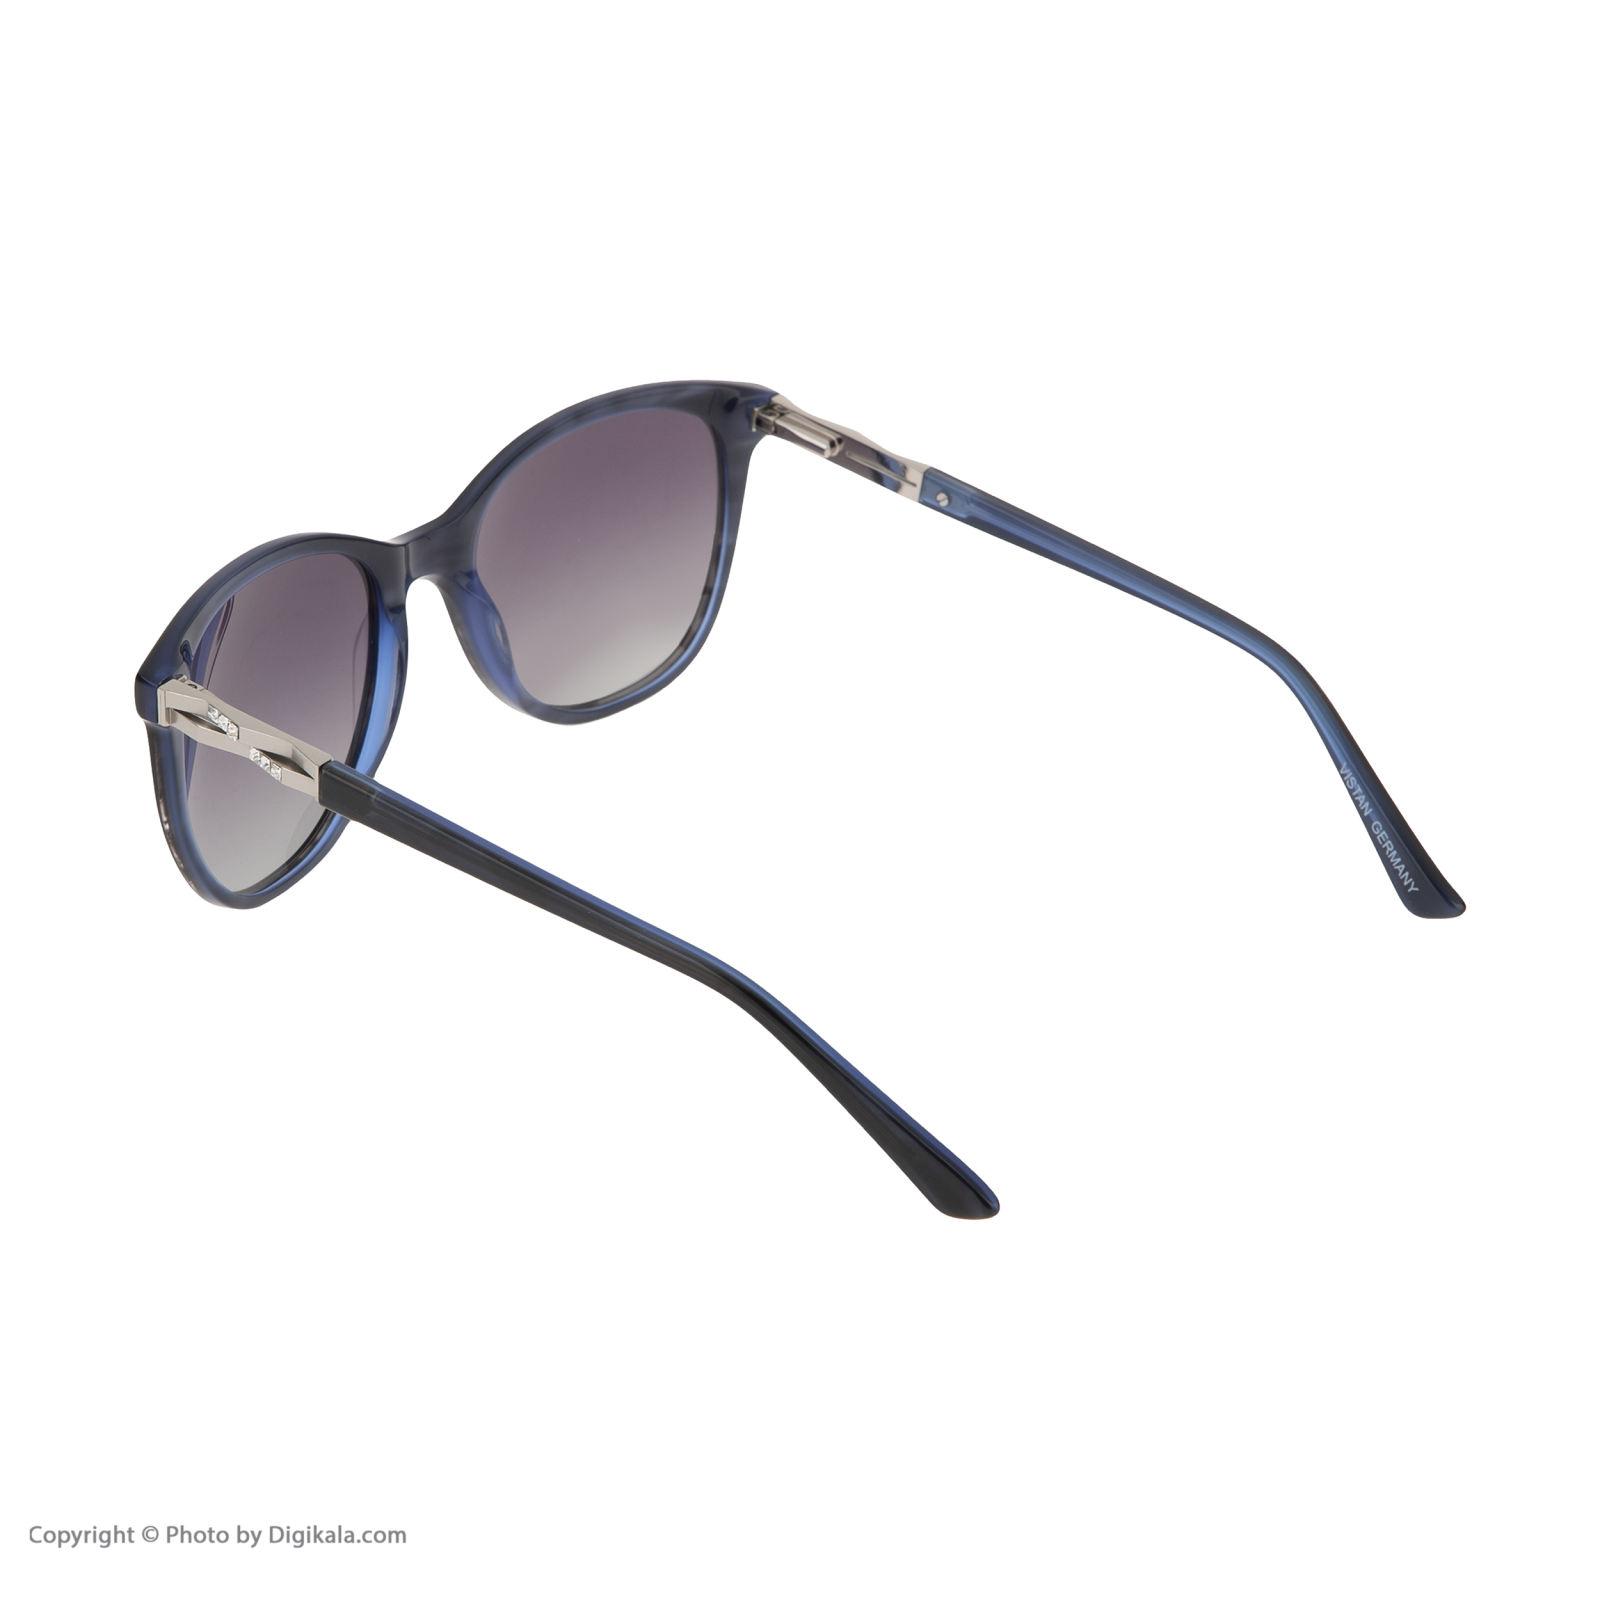 عینک آفتابی زنانه ویستان مدل 7998003 -  - 3